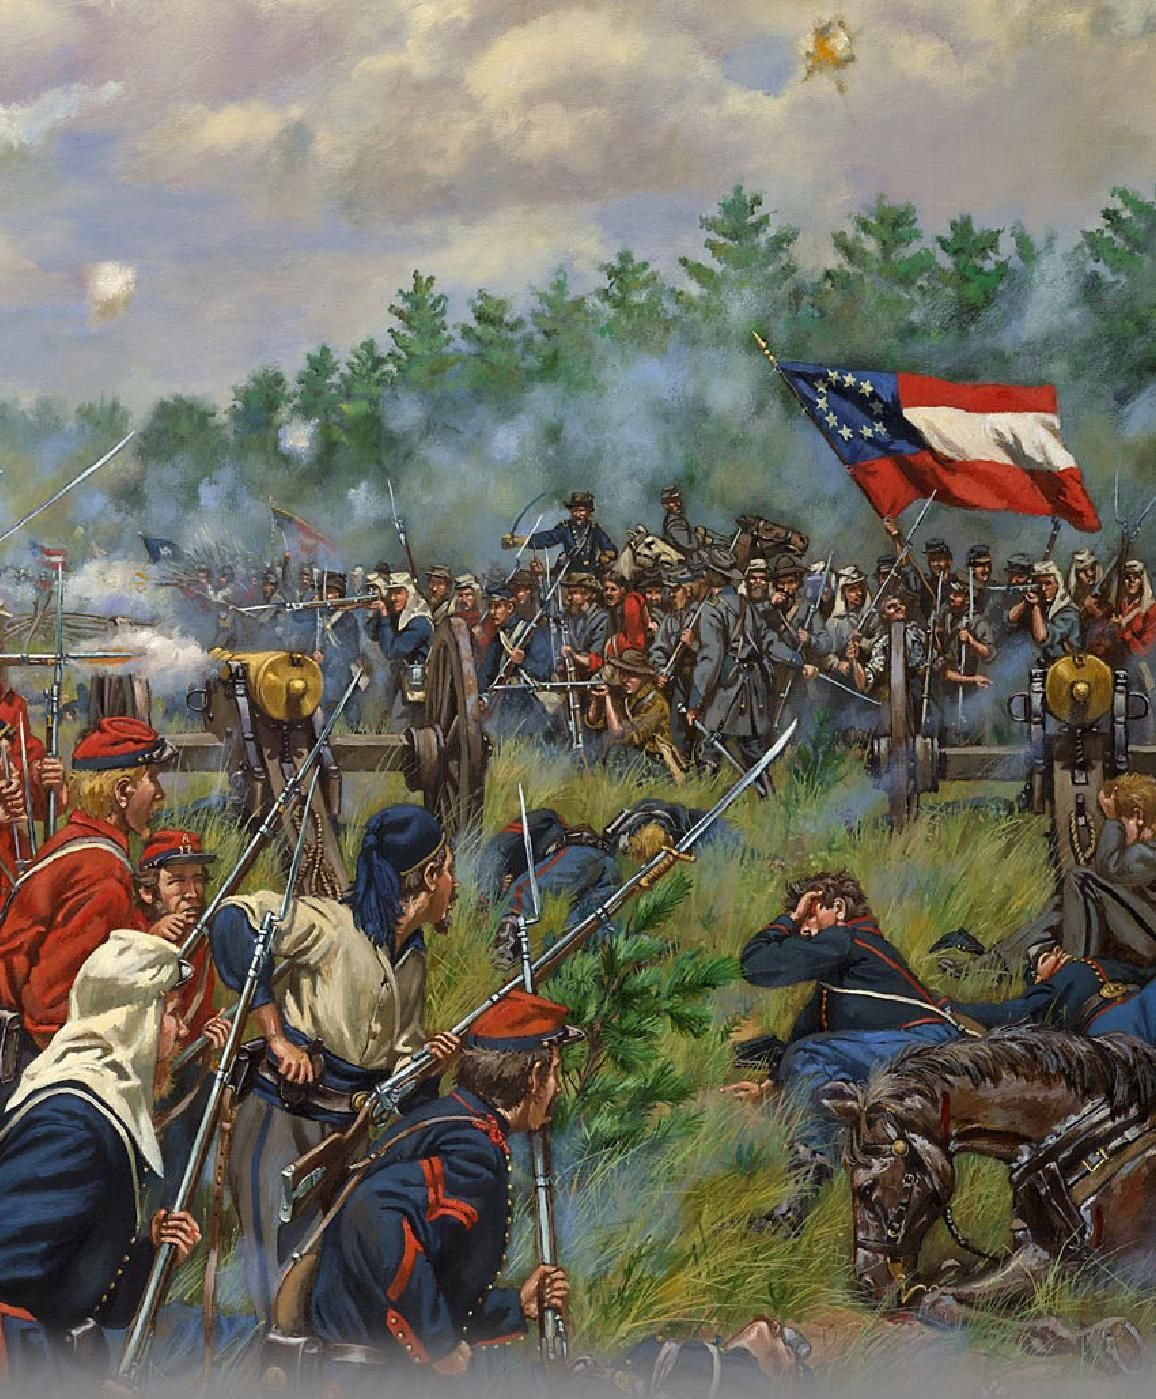 17 Best images about Civil War Art on Pinterest | Limited ... |American Civil War Battle Paintings